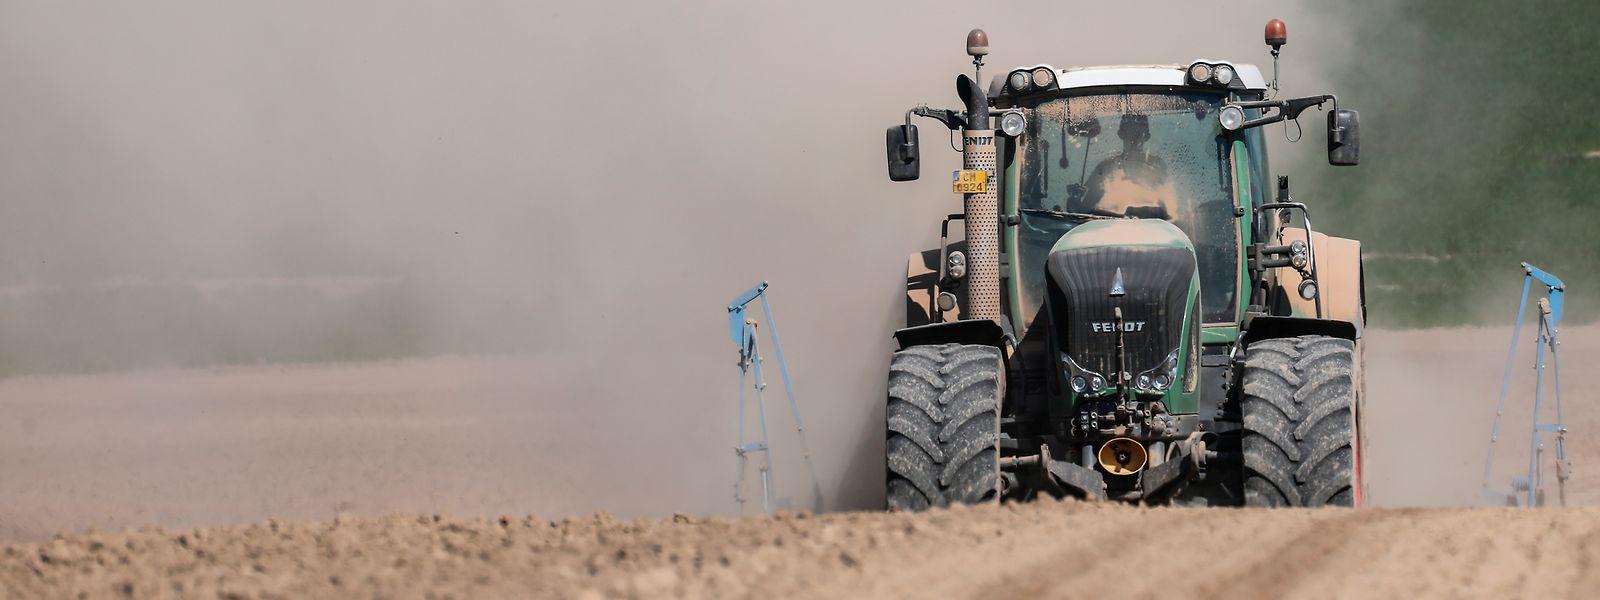 Le secteur agricole est une des sources de la concentration de particules fines dans l'air